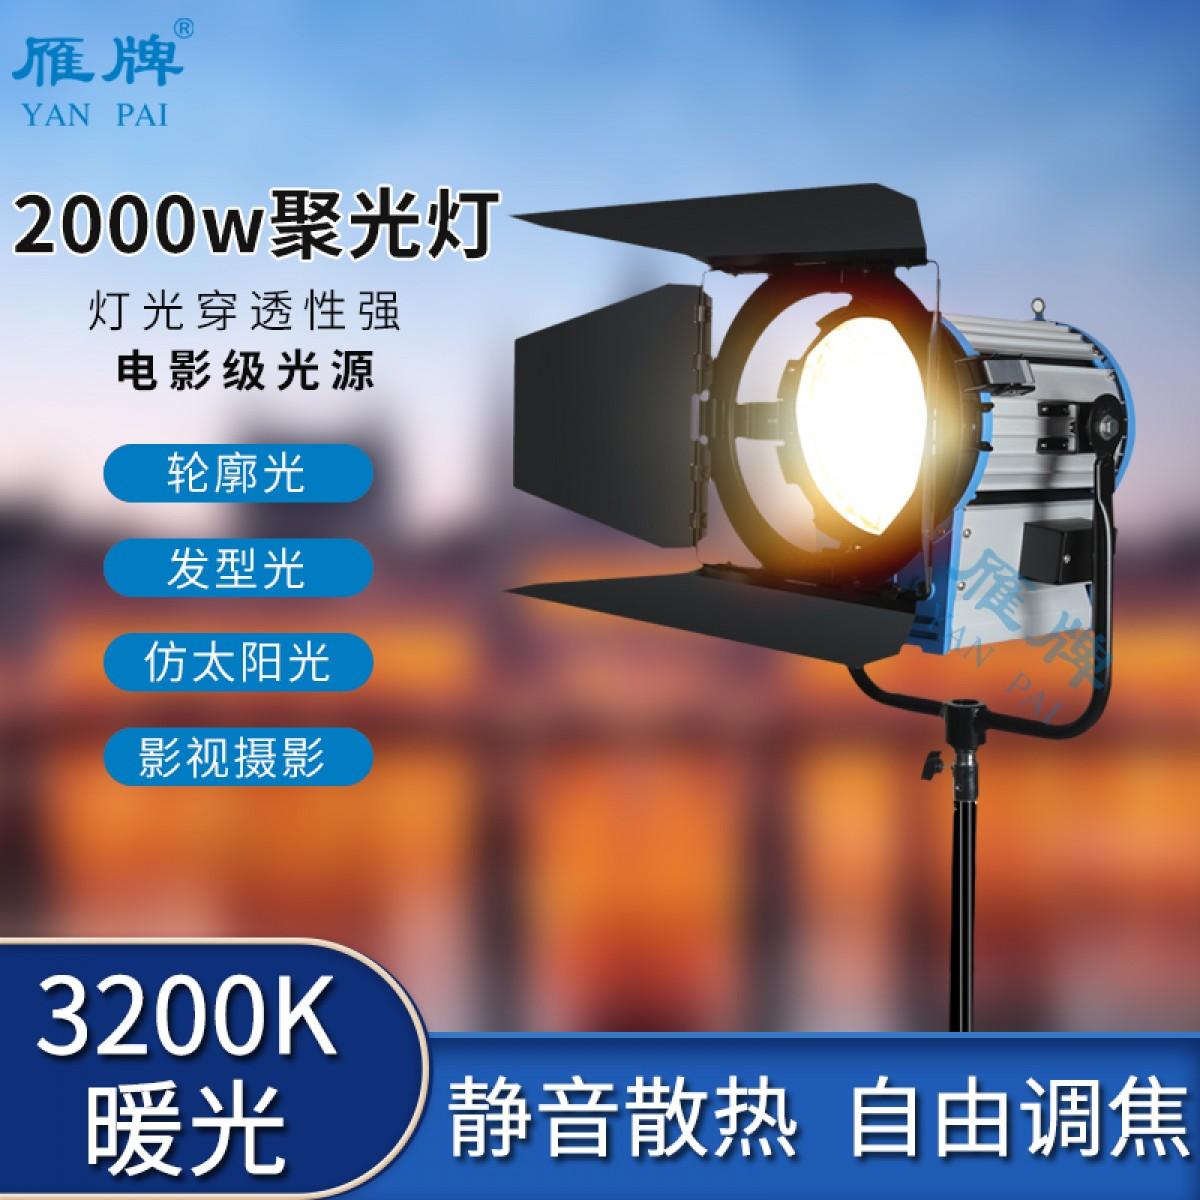 雁牌2000W摄影灯聚光灯影视电影灯视频灯美发店拍照补光灯逆光灯